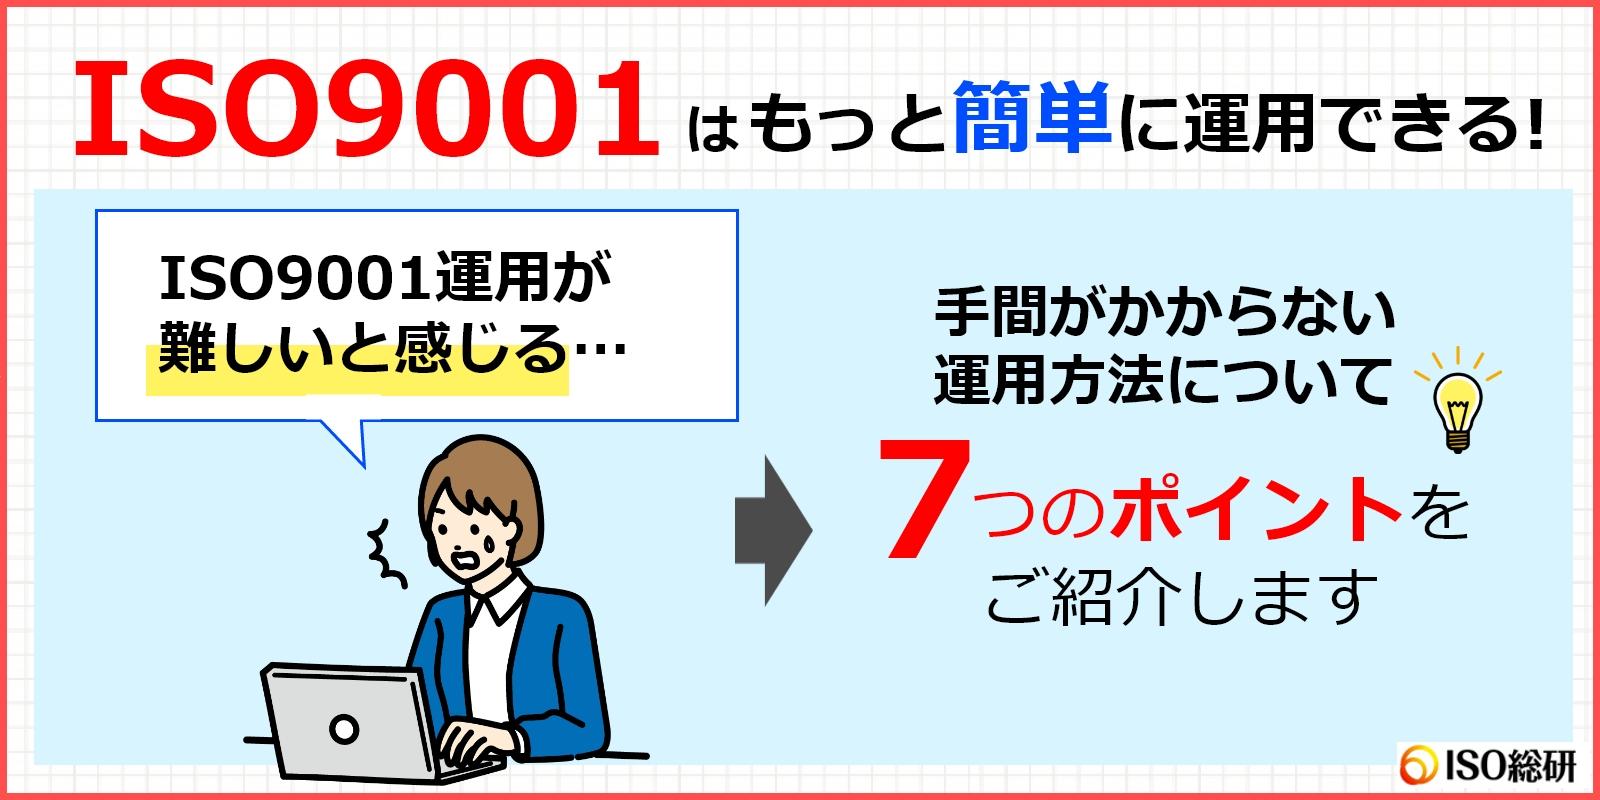 ISO9001はもっと簡単に運用できる